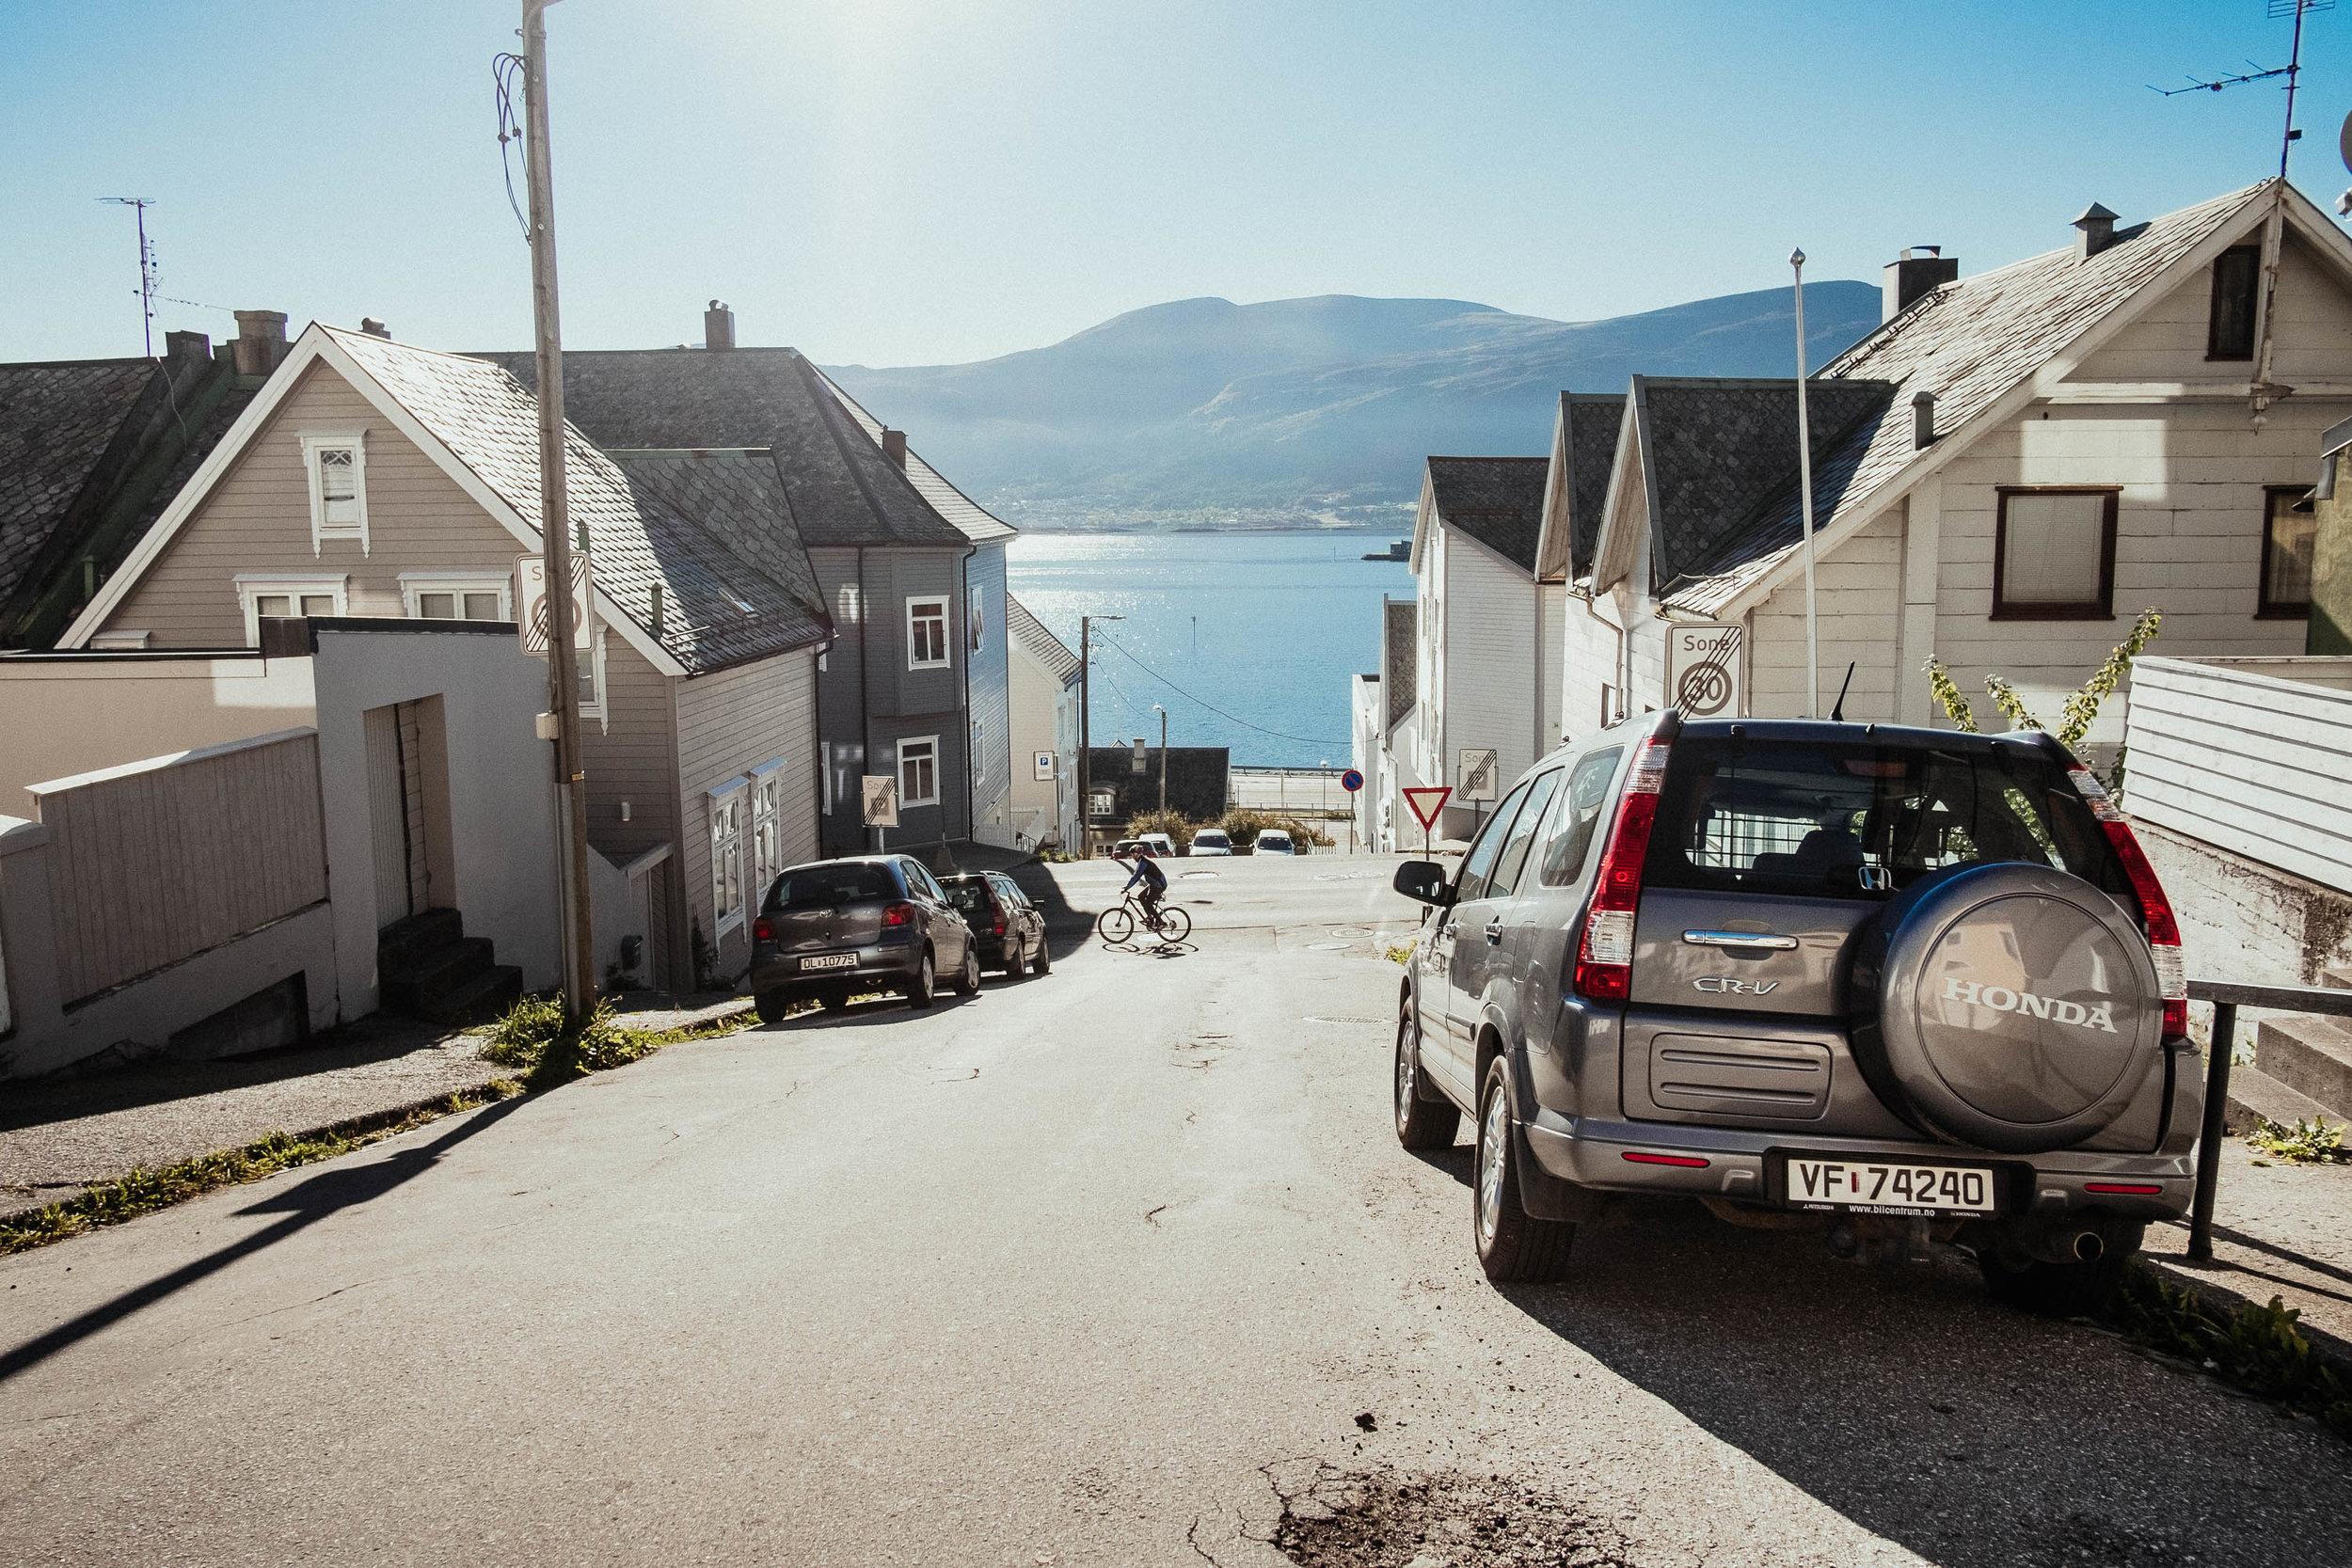 Norway_MaxHartmann-5419.jpg